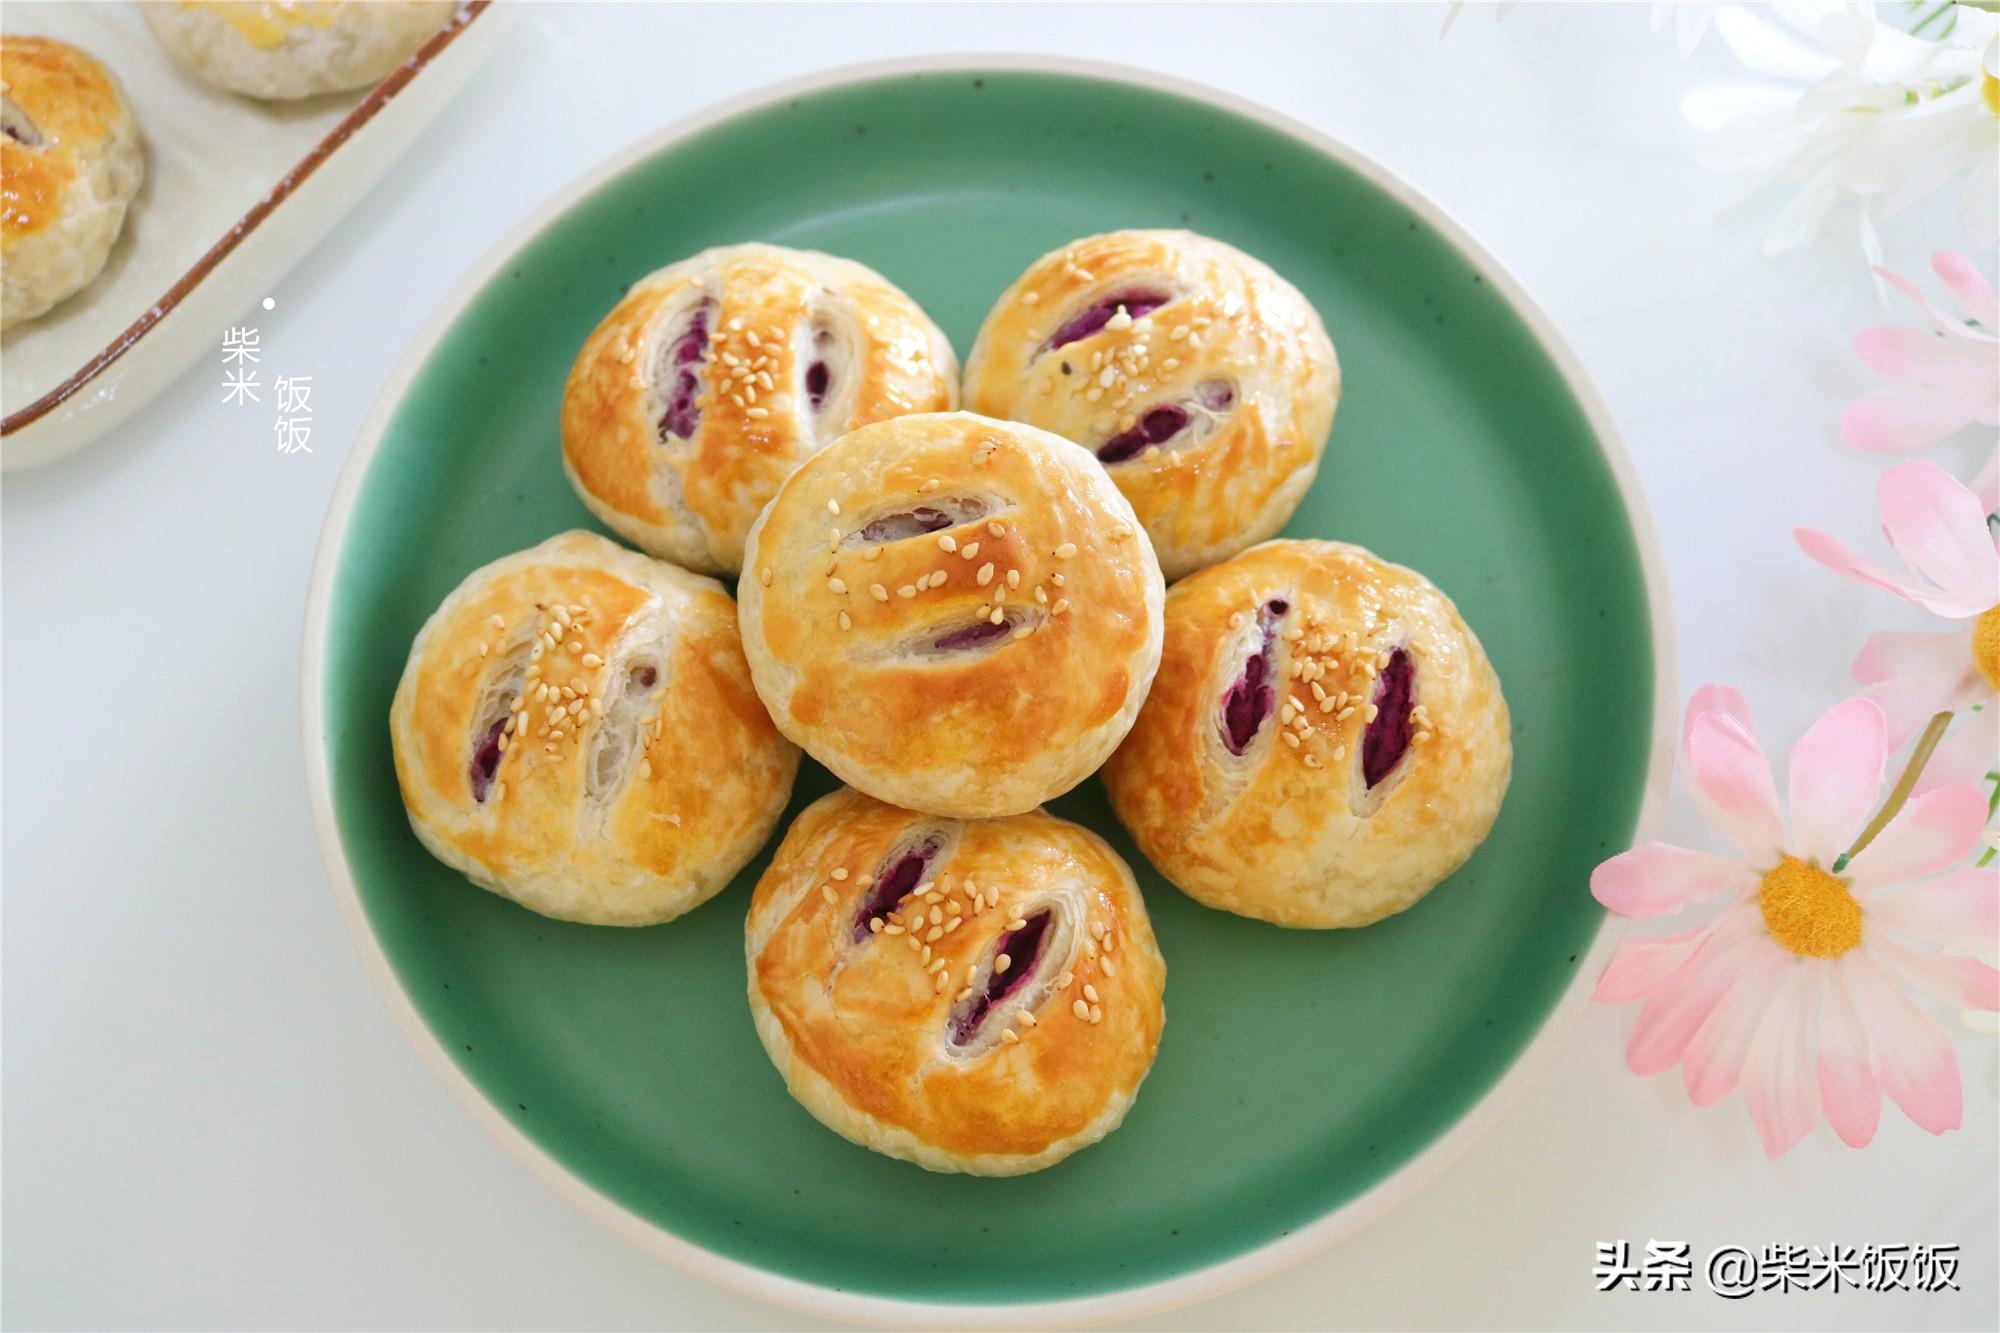 這款懶人小餅要試試,不用揉麵,做法簡單,香酥好吃孩子喜歡